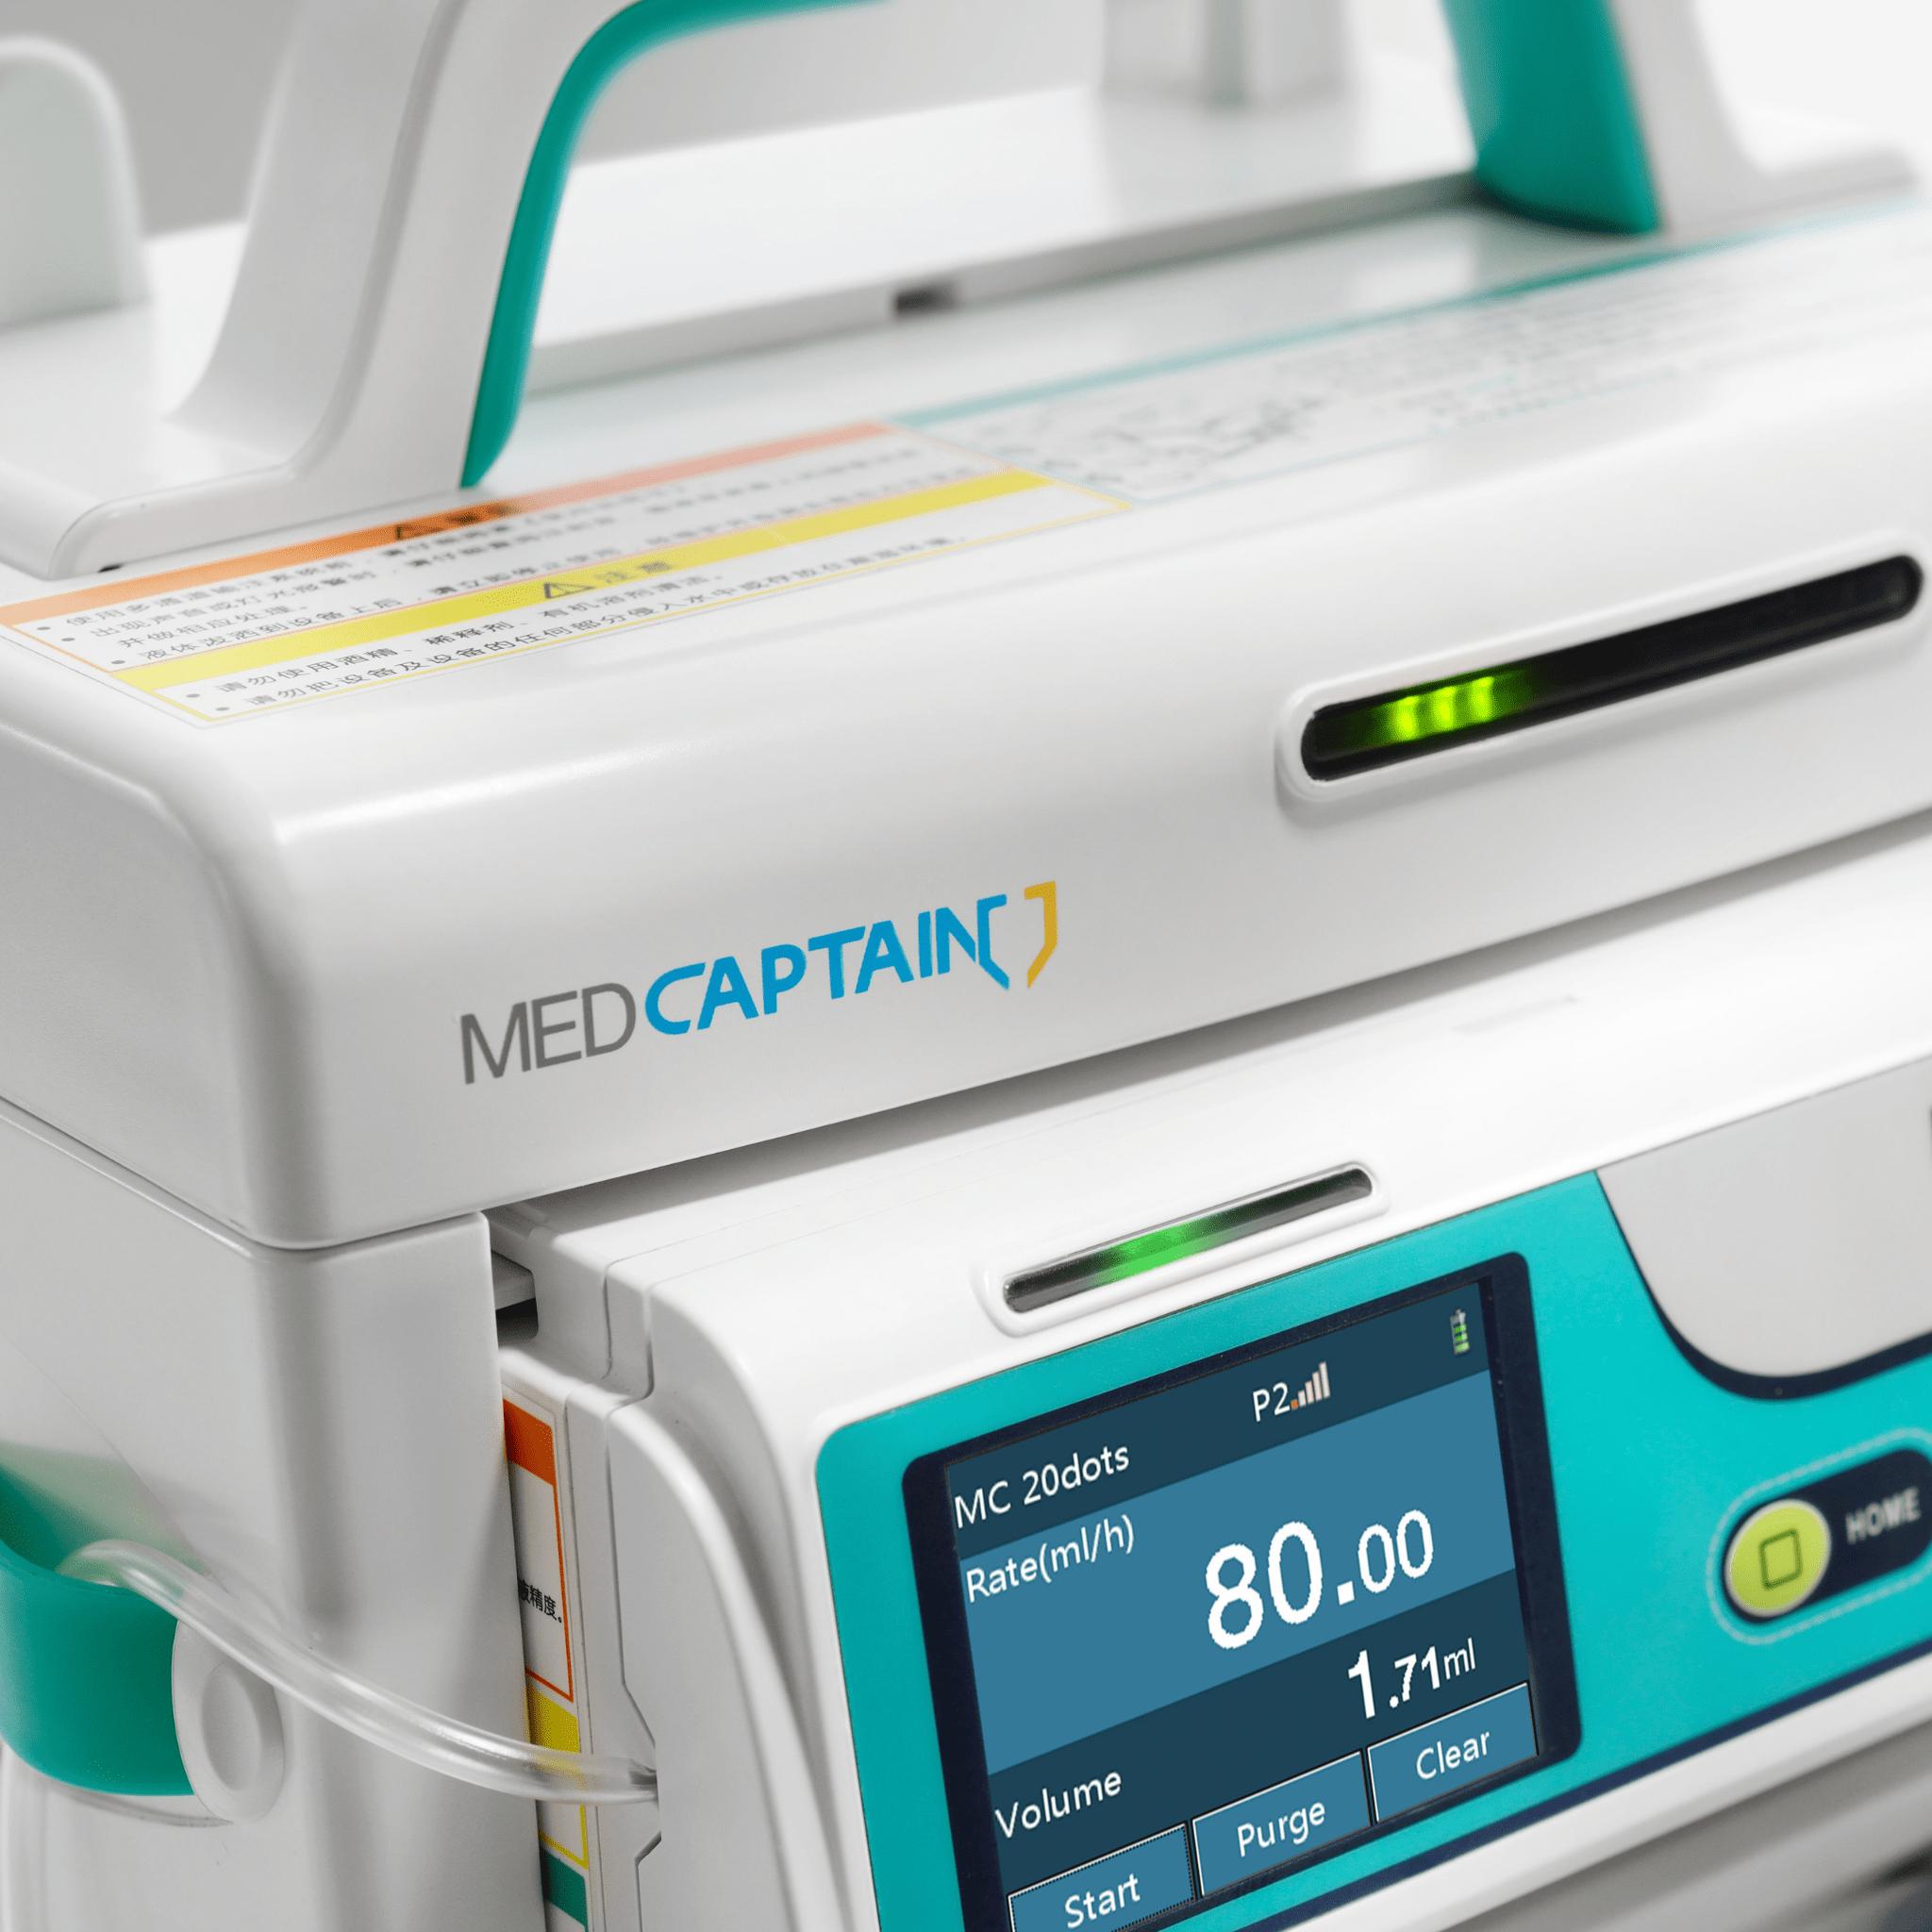 Bomba de infusion MP-60 Med Captain Centro de Servicios Hospitalarios 2